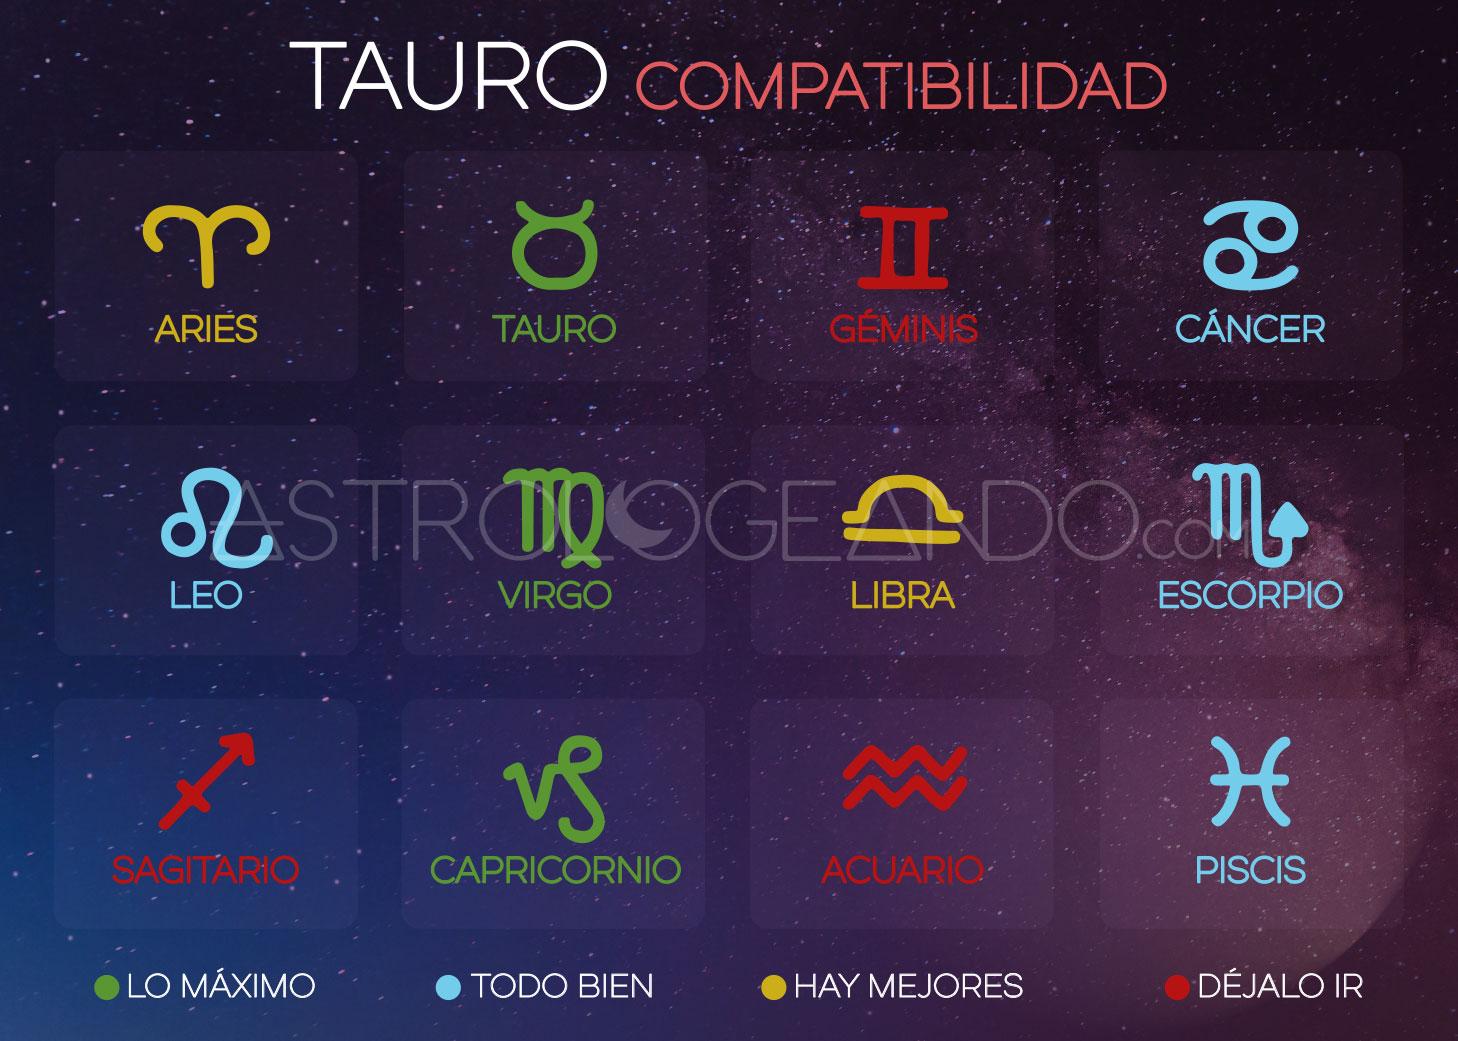 Me lo ha dicho la astrología